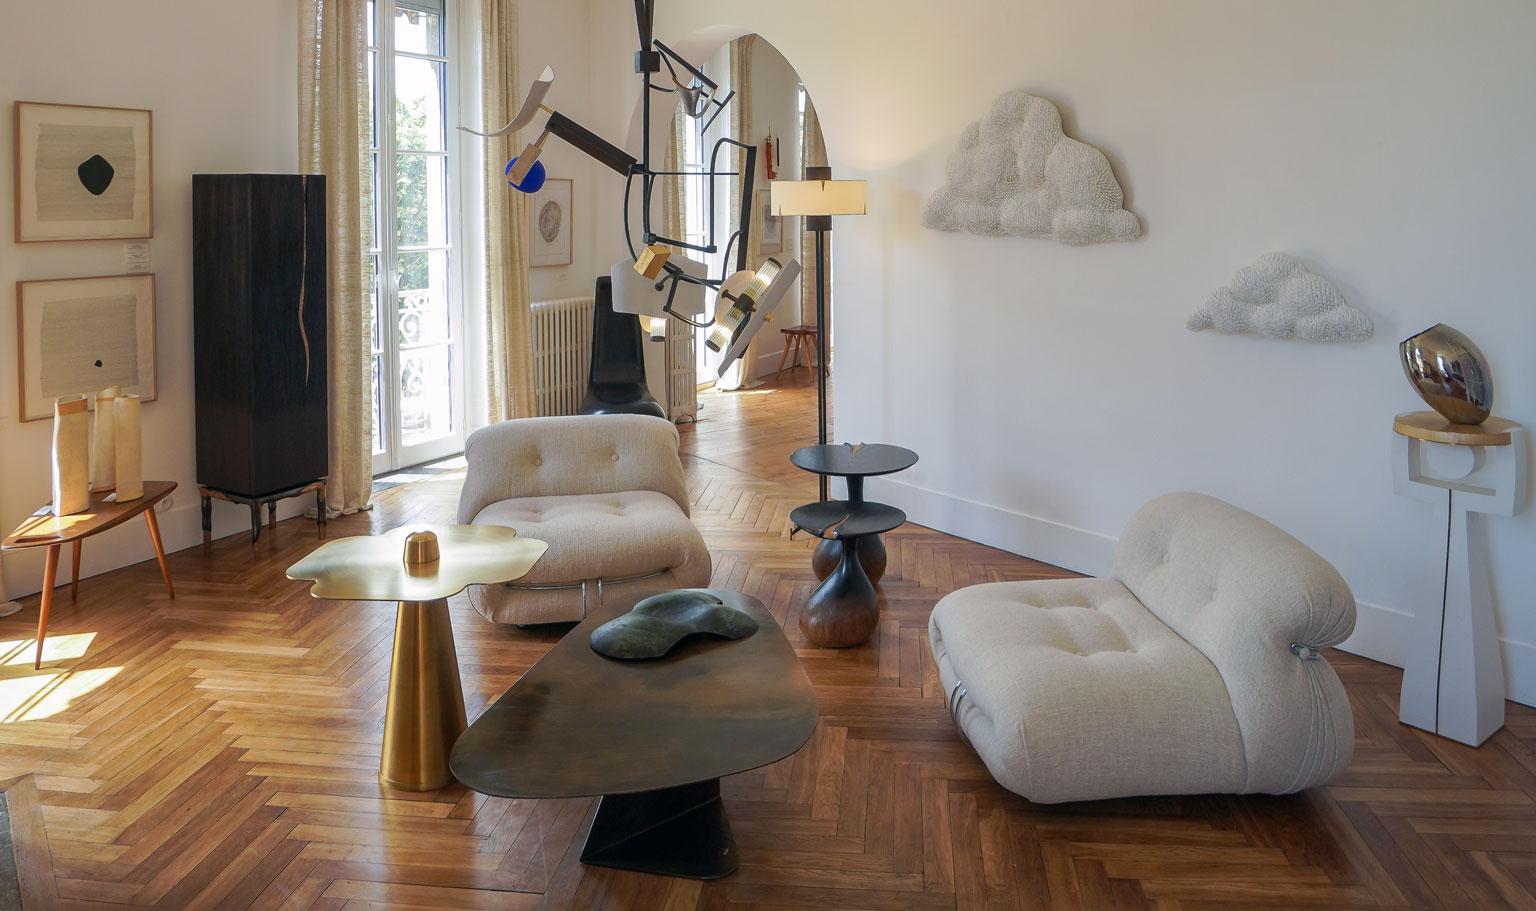 Exposition d'art et de design à la galerie OAK à Toulouse